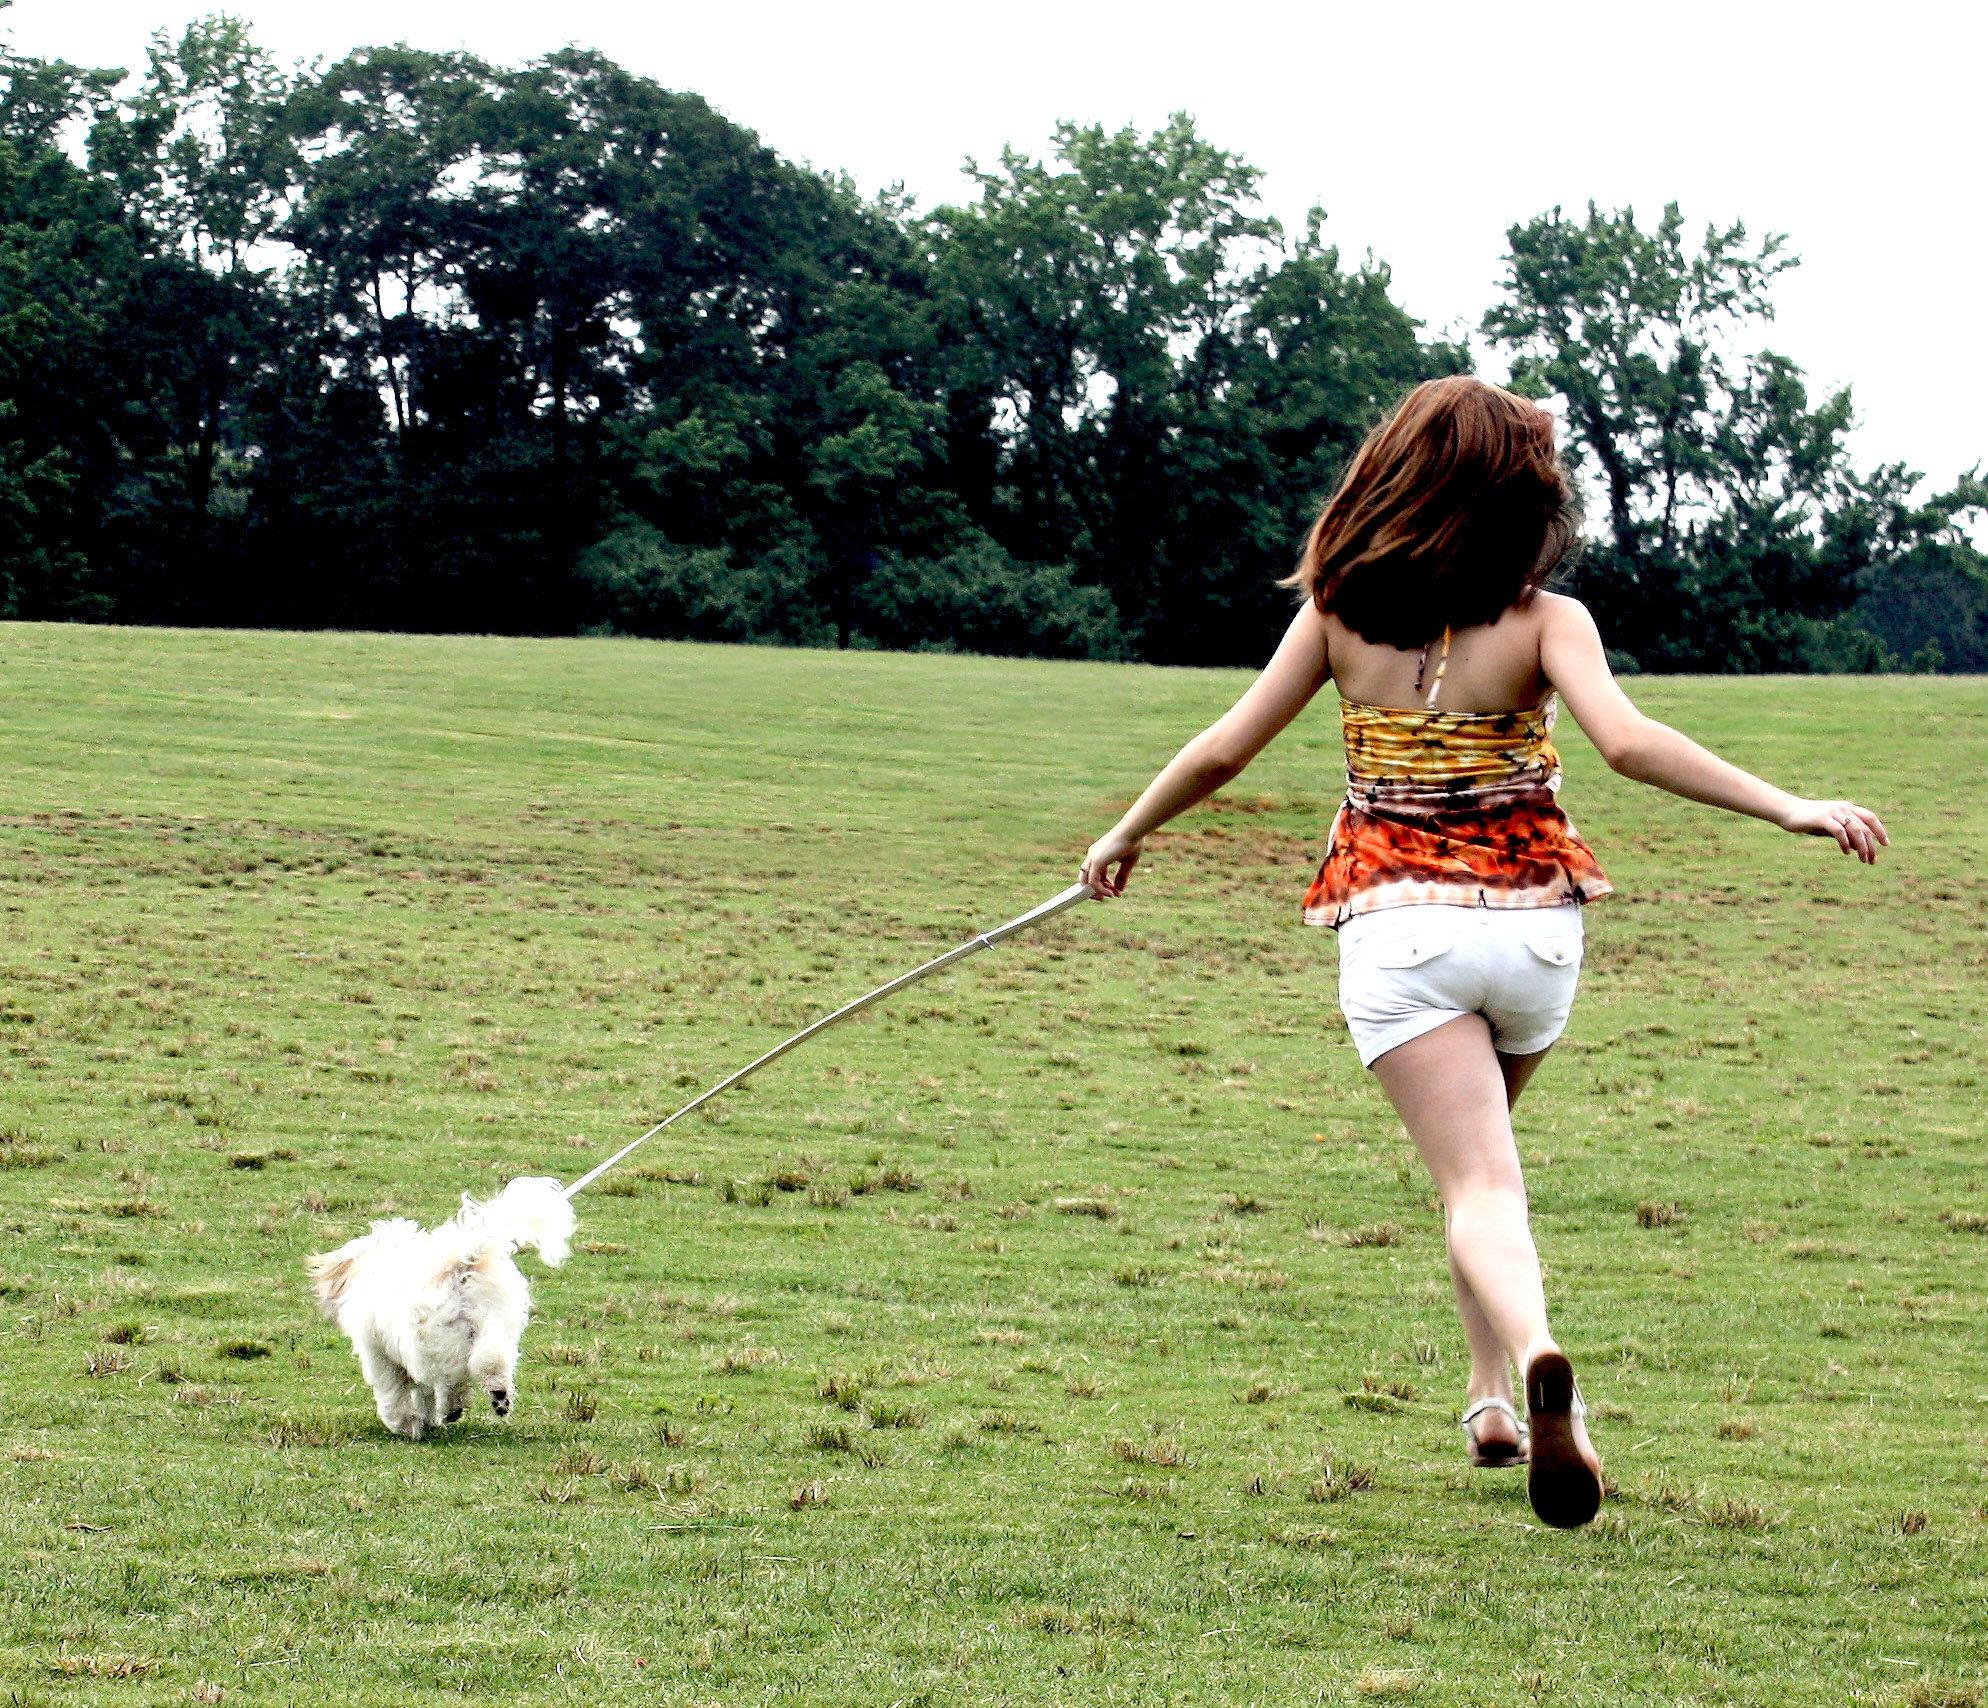 d796f89bae6c Ha kutyát veszel, és szeretnél vele ilyen jellegű gyakorlatokat végezni, a  választásnál vedd figyelembe, hogy melyik kutya milyen kondícióban van.